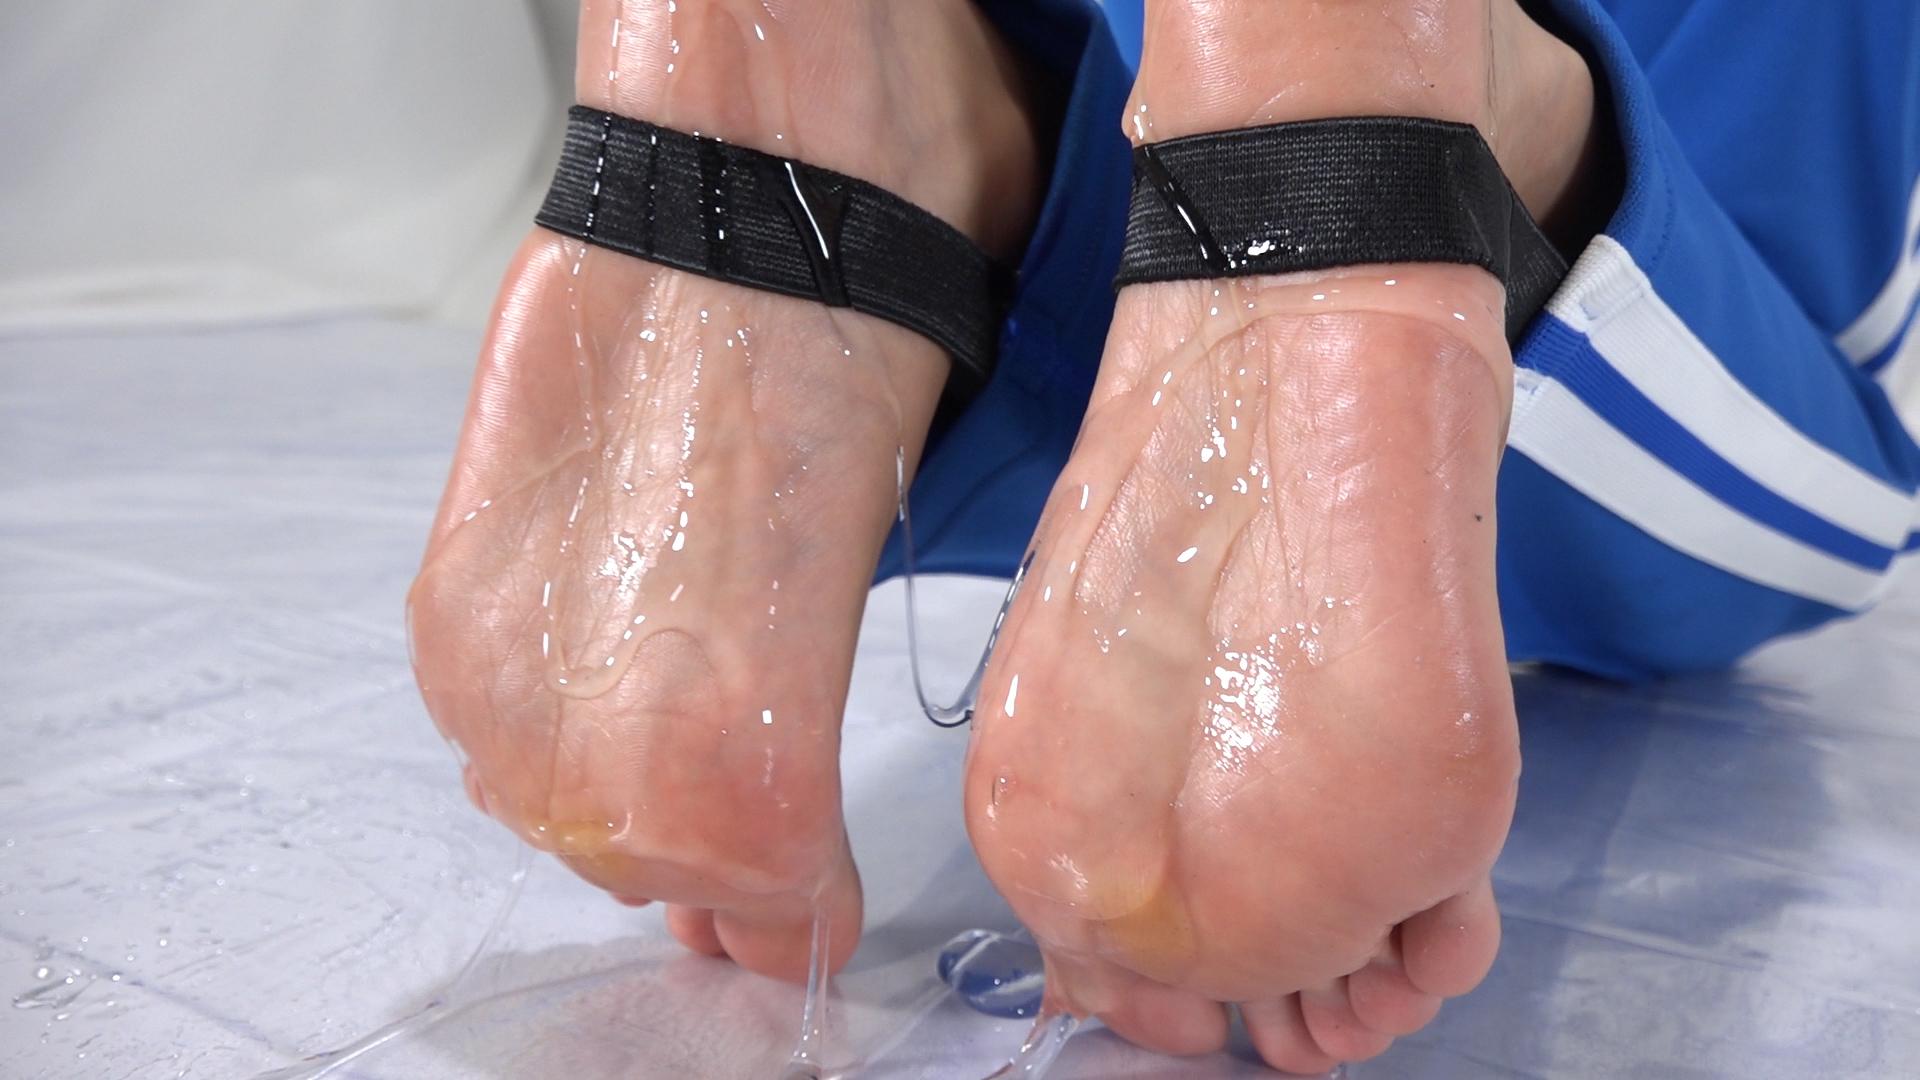 ローションでテカテカに濡れた女性の足の裏フェチ